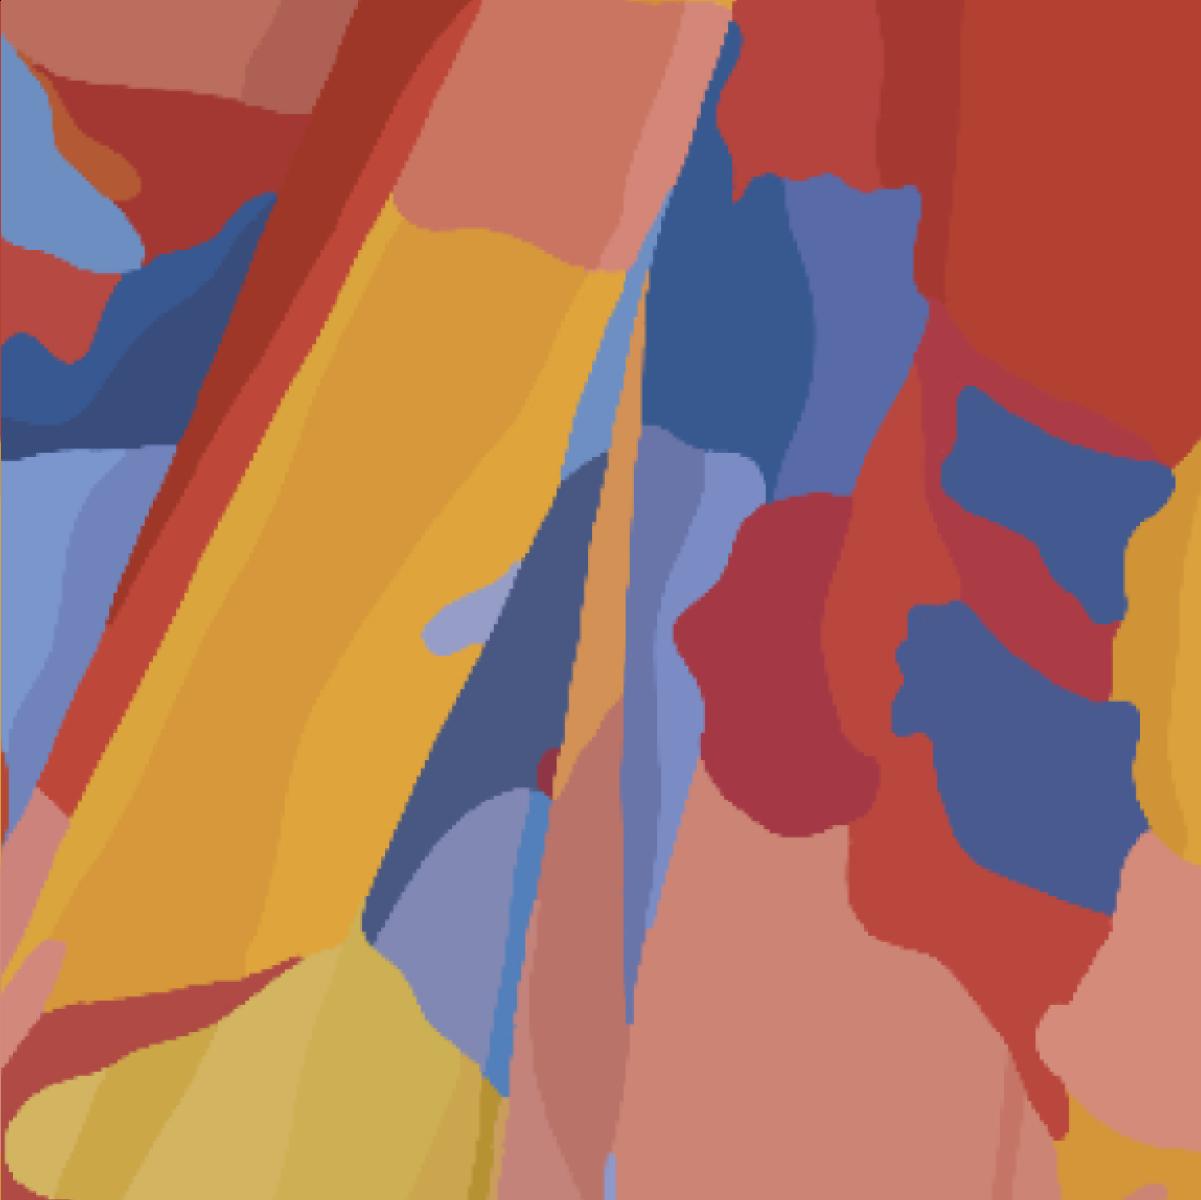 spot-illustration-texture-2